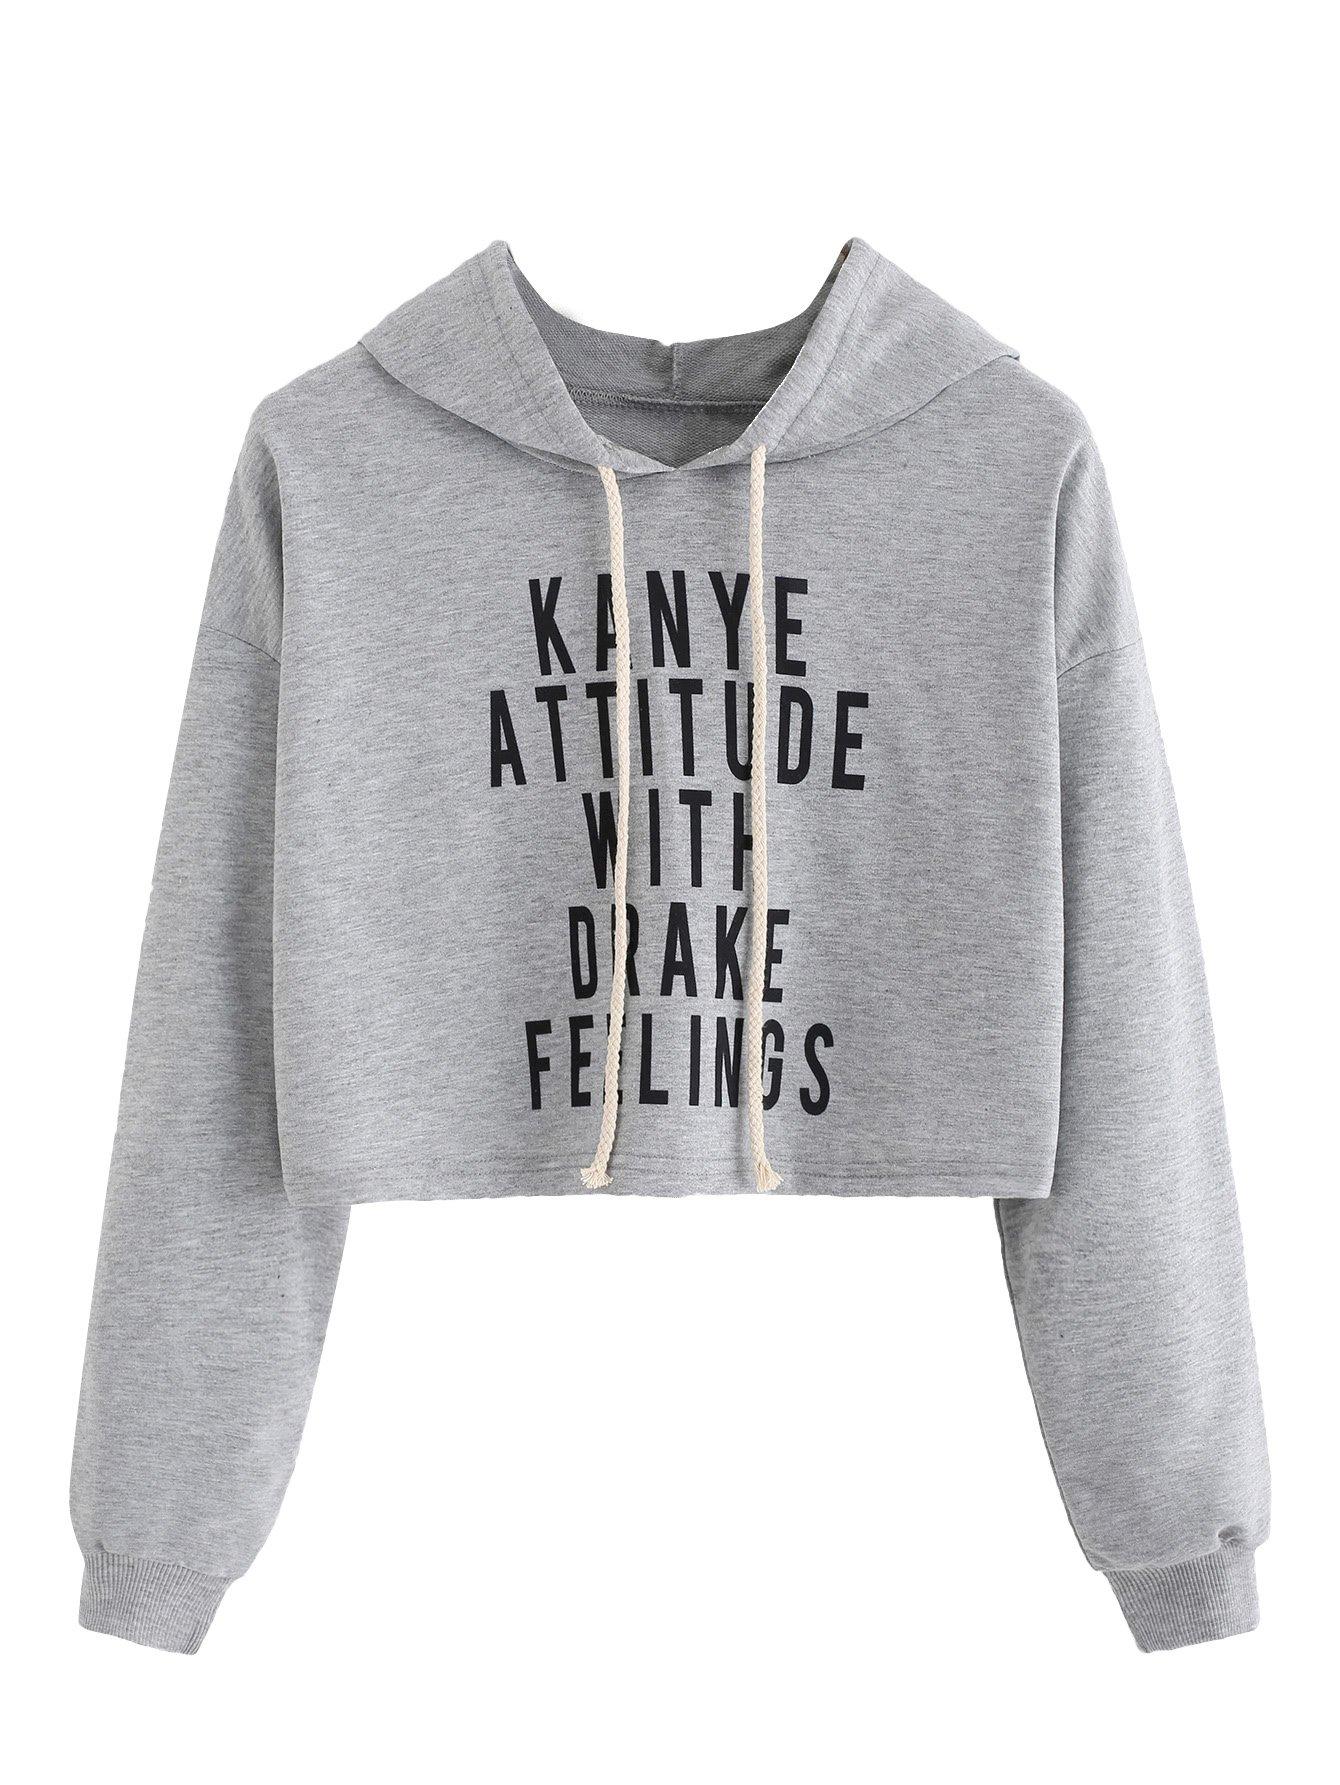 MakeMeChic Women's Letter Print Crop Top Sweatshirt Pullover Hoodie Grey S